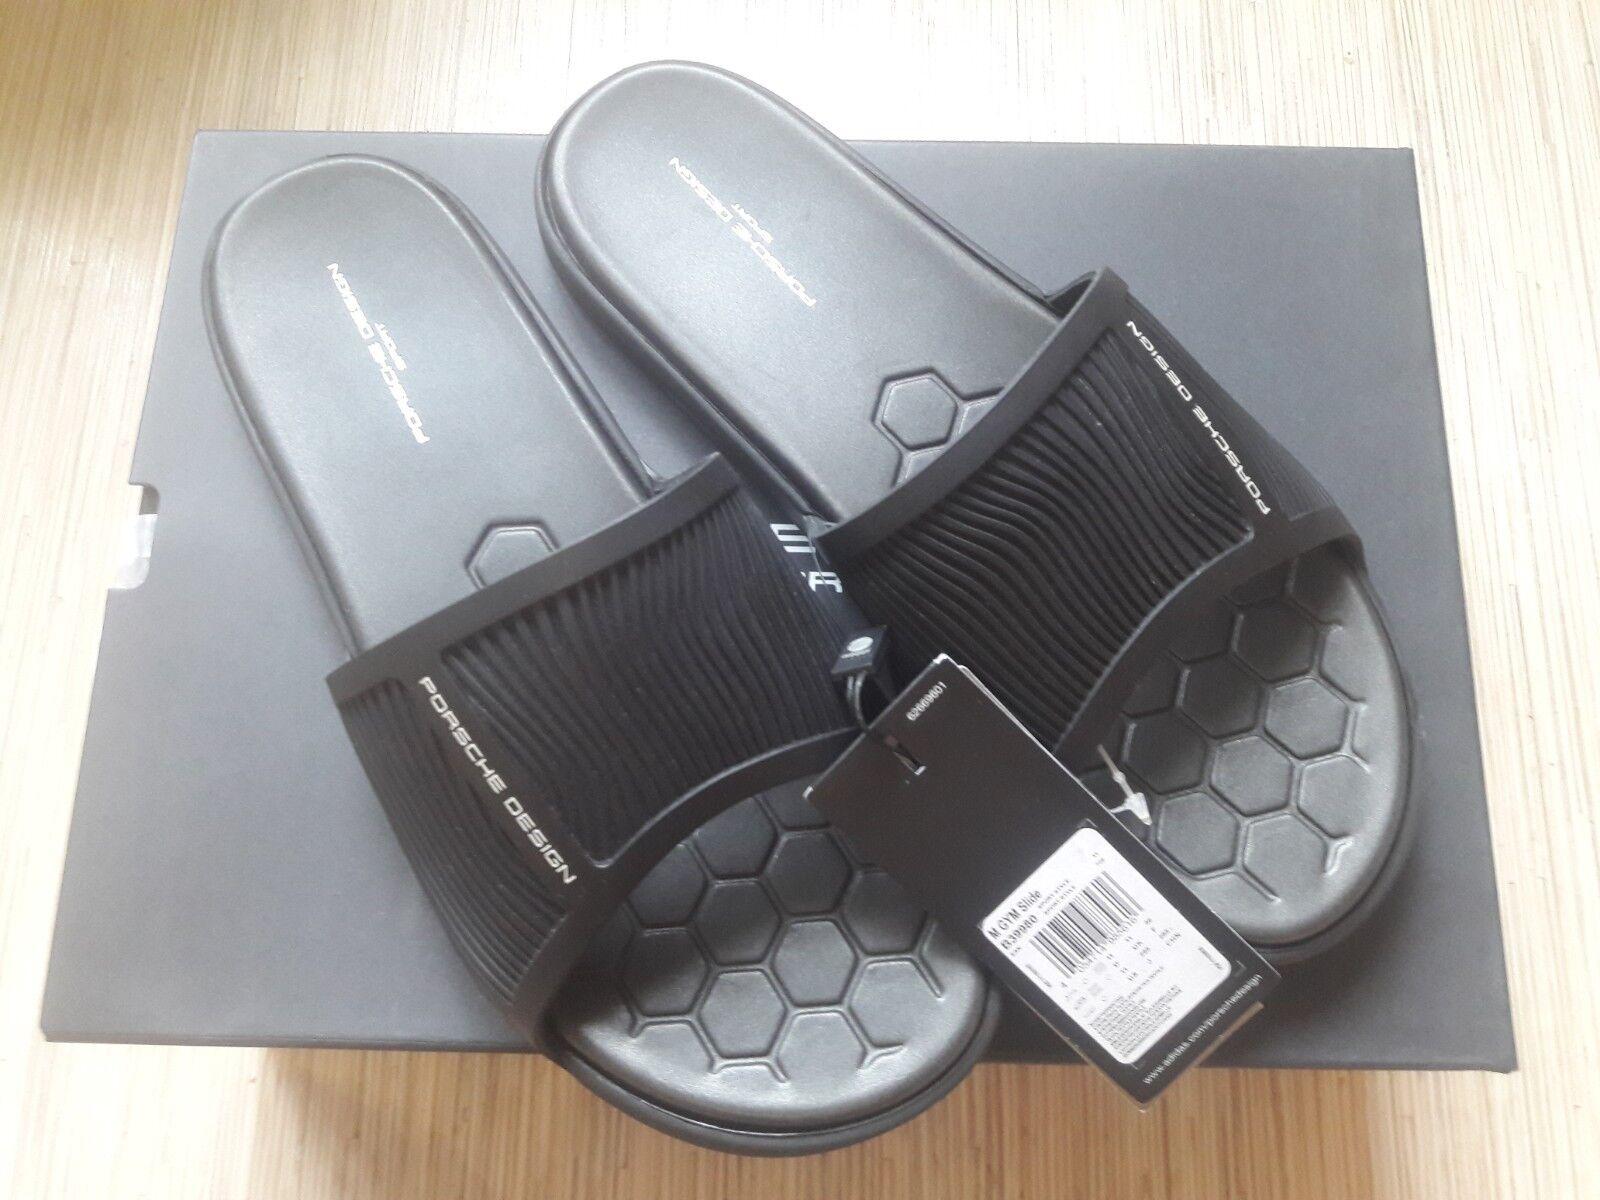 PORSCHE DESIGN DEPORTE Sandals by Adidas gym Slides Sandals DEPORTE Slippers  FlipFlops B39980 bfb04c